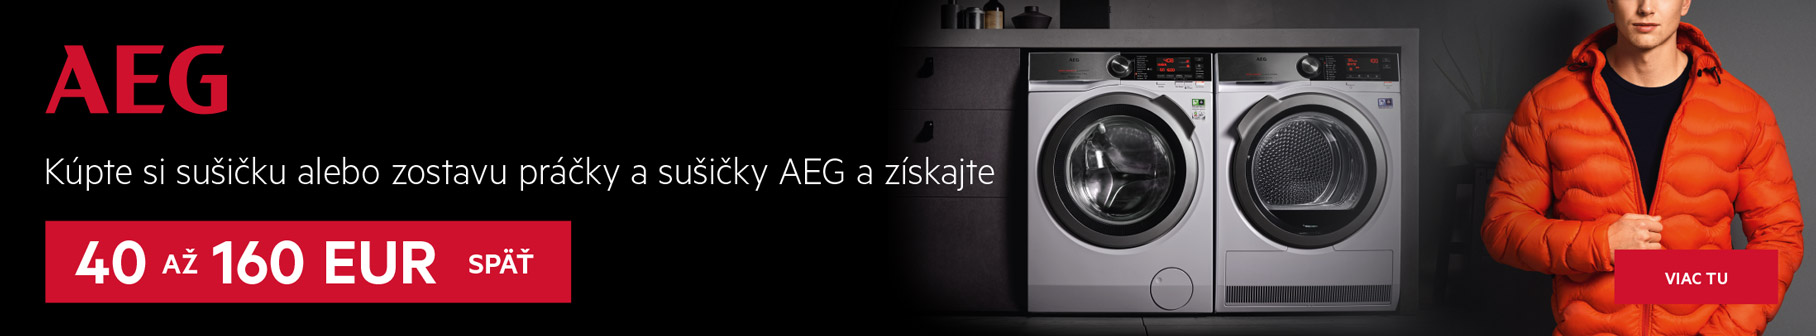 AEG - Dokonale ochráni každý kúsok vášho oblečenia. BEZ OBÁV.